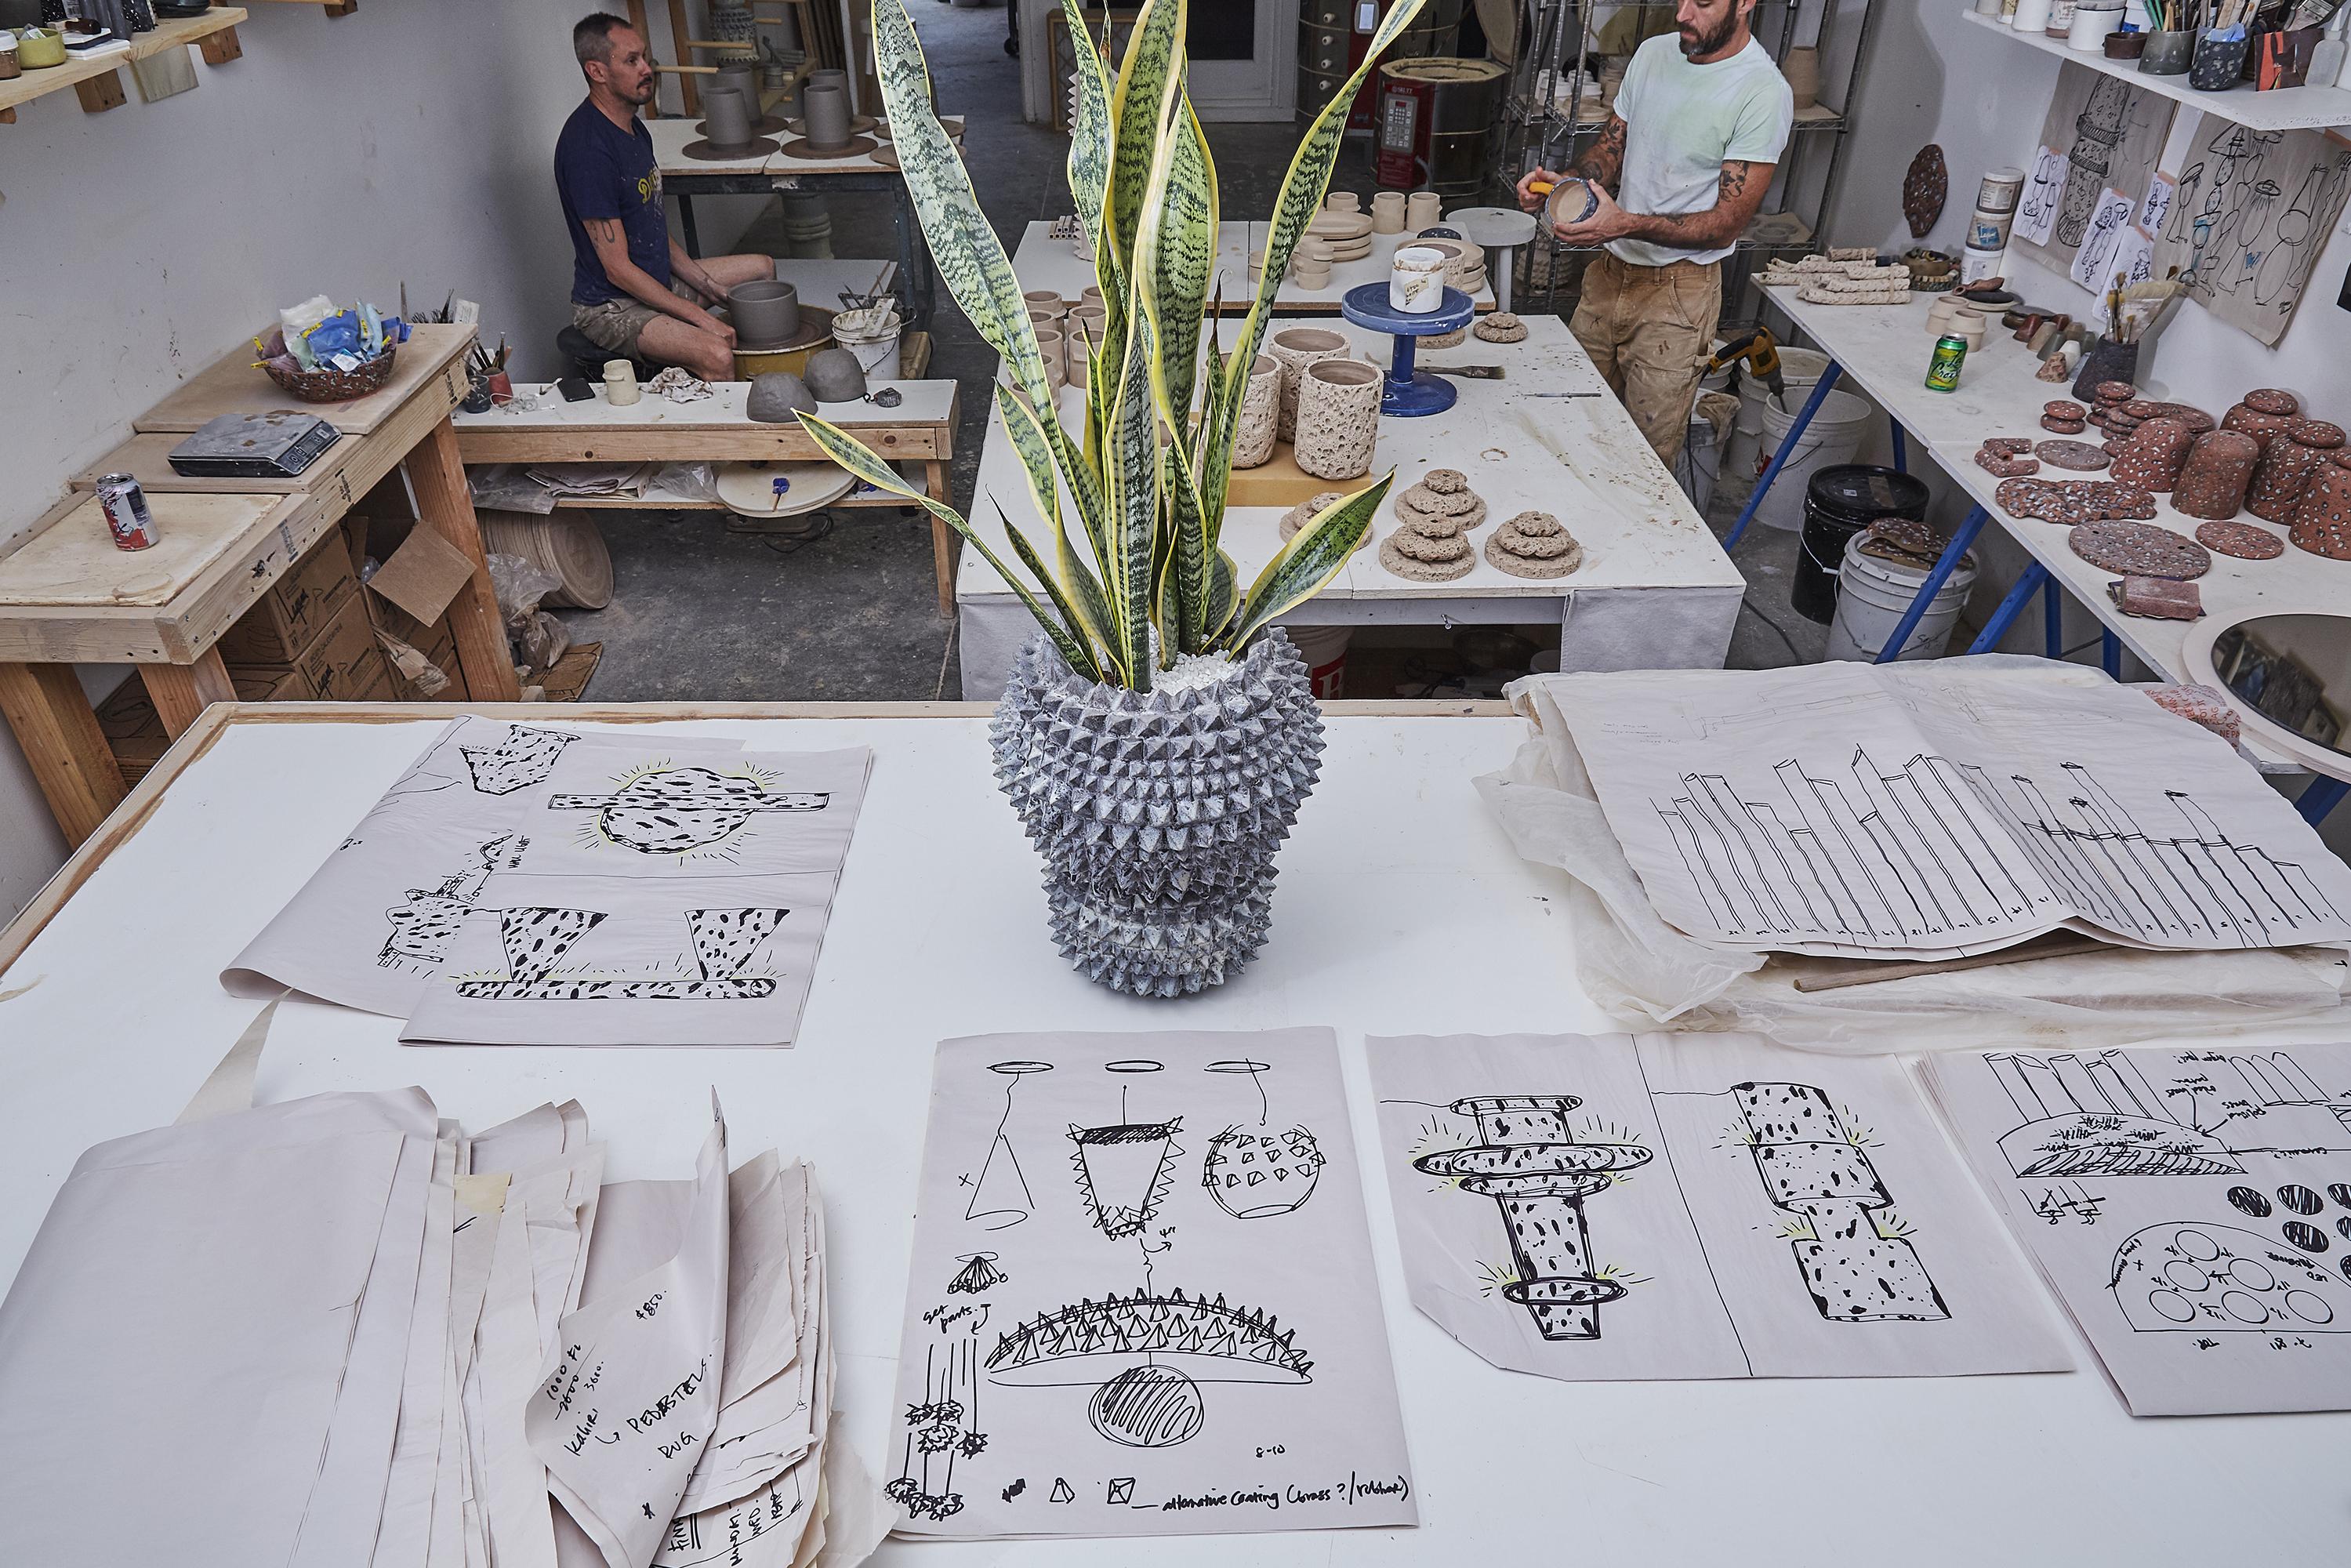 Studio LGS ceramics, Los Angeles, CA, copyright Diana Koenigsber